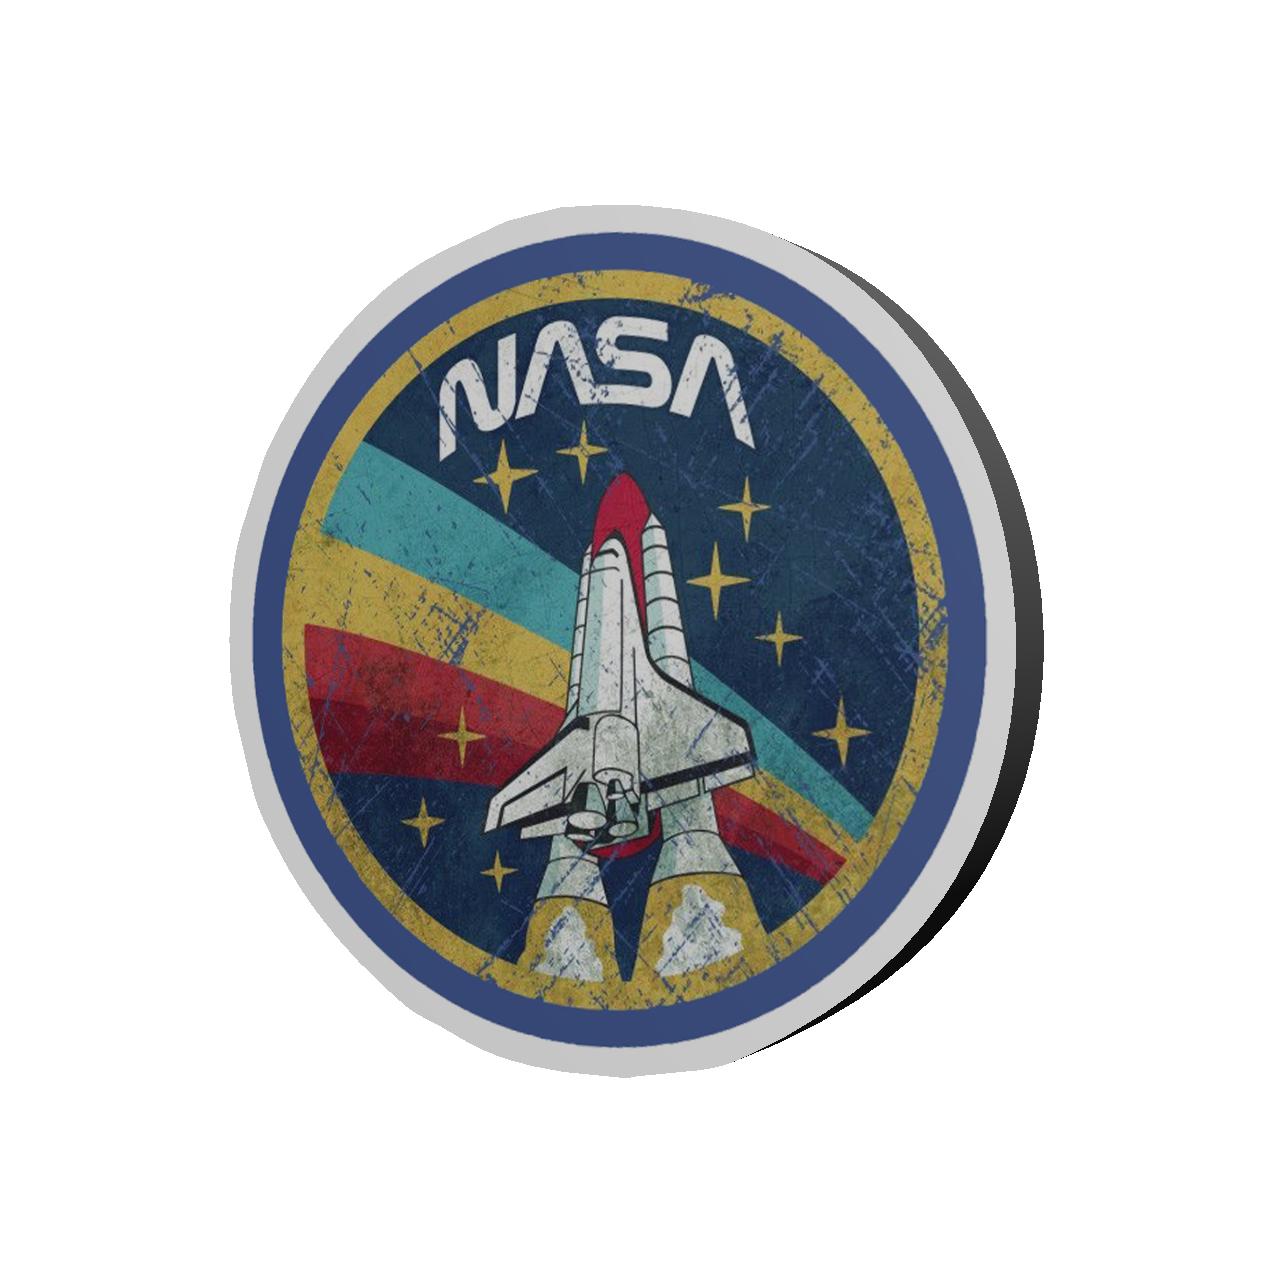 خرید اینترنتی [با تخفیف] استیکر طرح ناسا کد 292 اورجینال